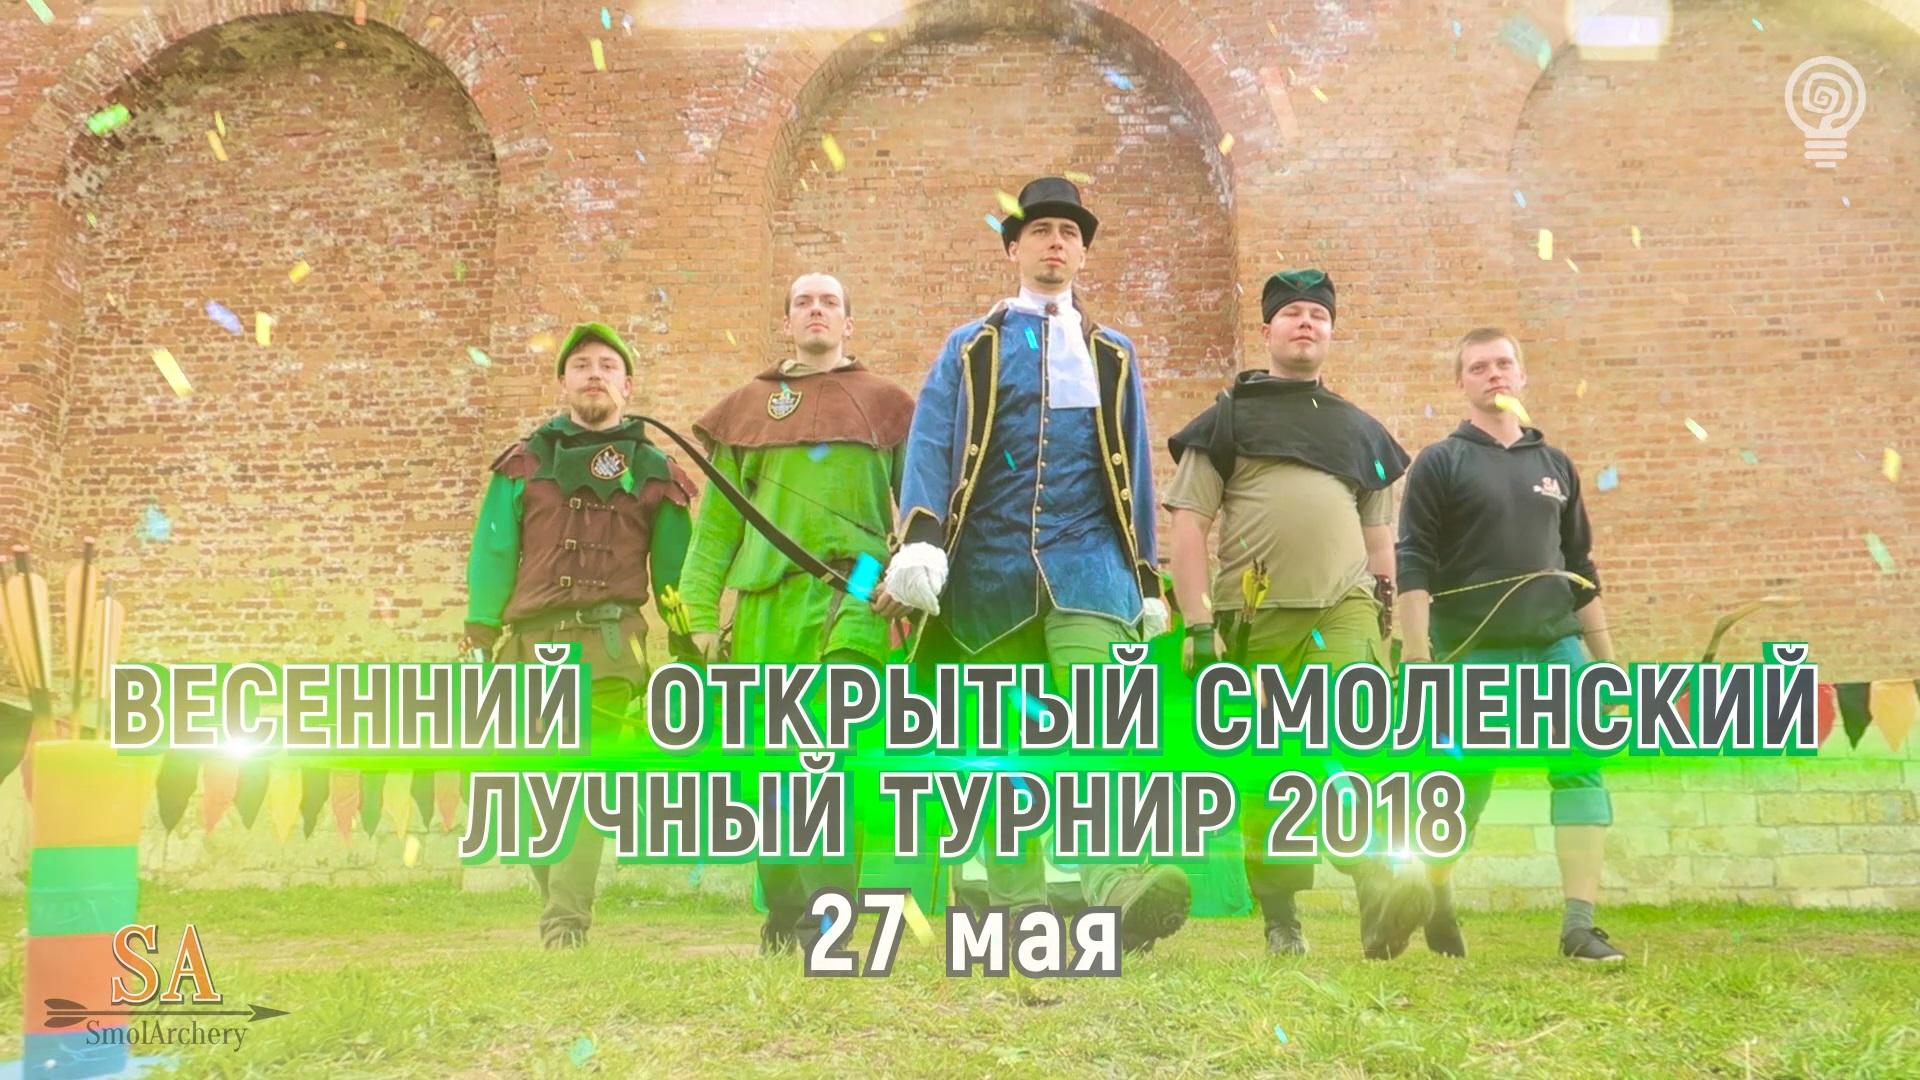 анонс лучный турнир 5-2018